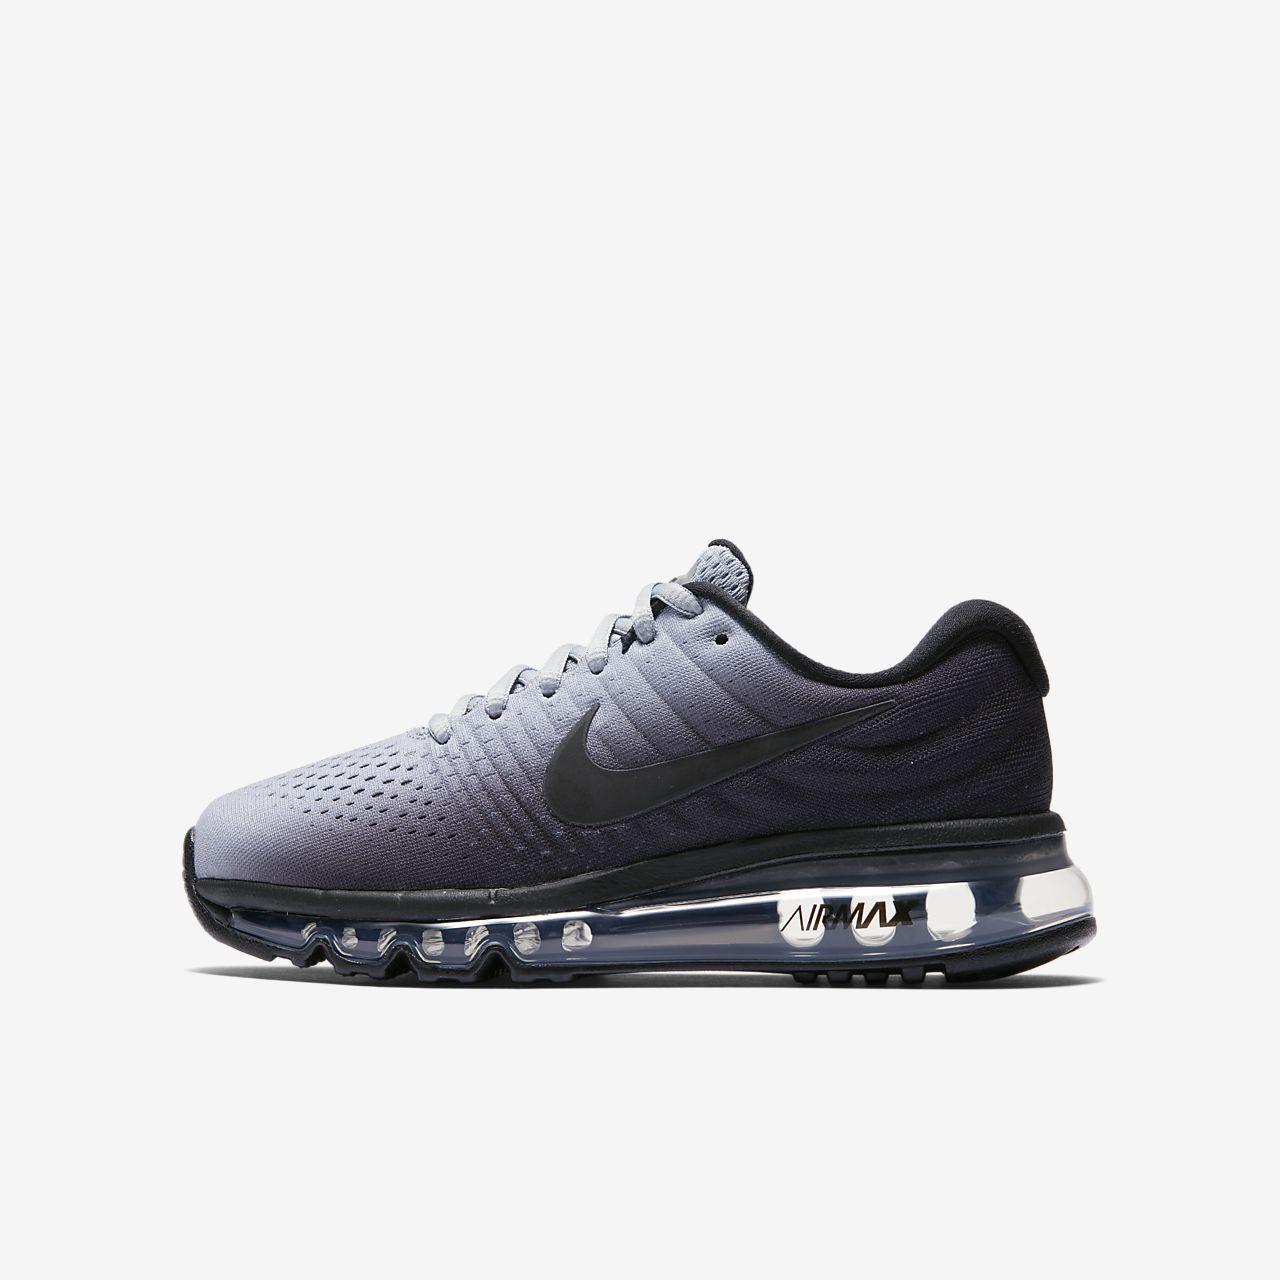 Acquista 2 OFF QUALSIASI scarpe nike air max donna CASE E OTTIENI ...